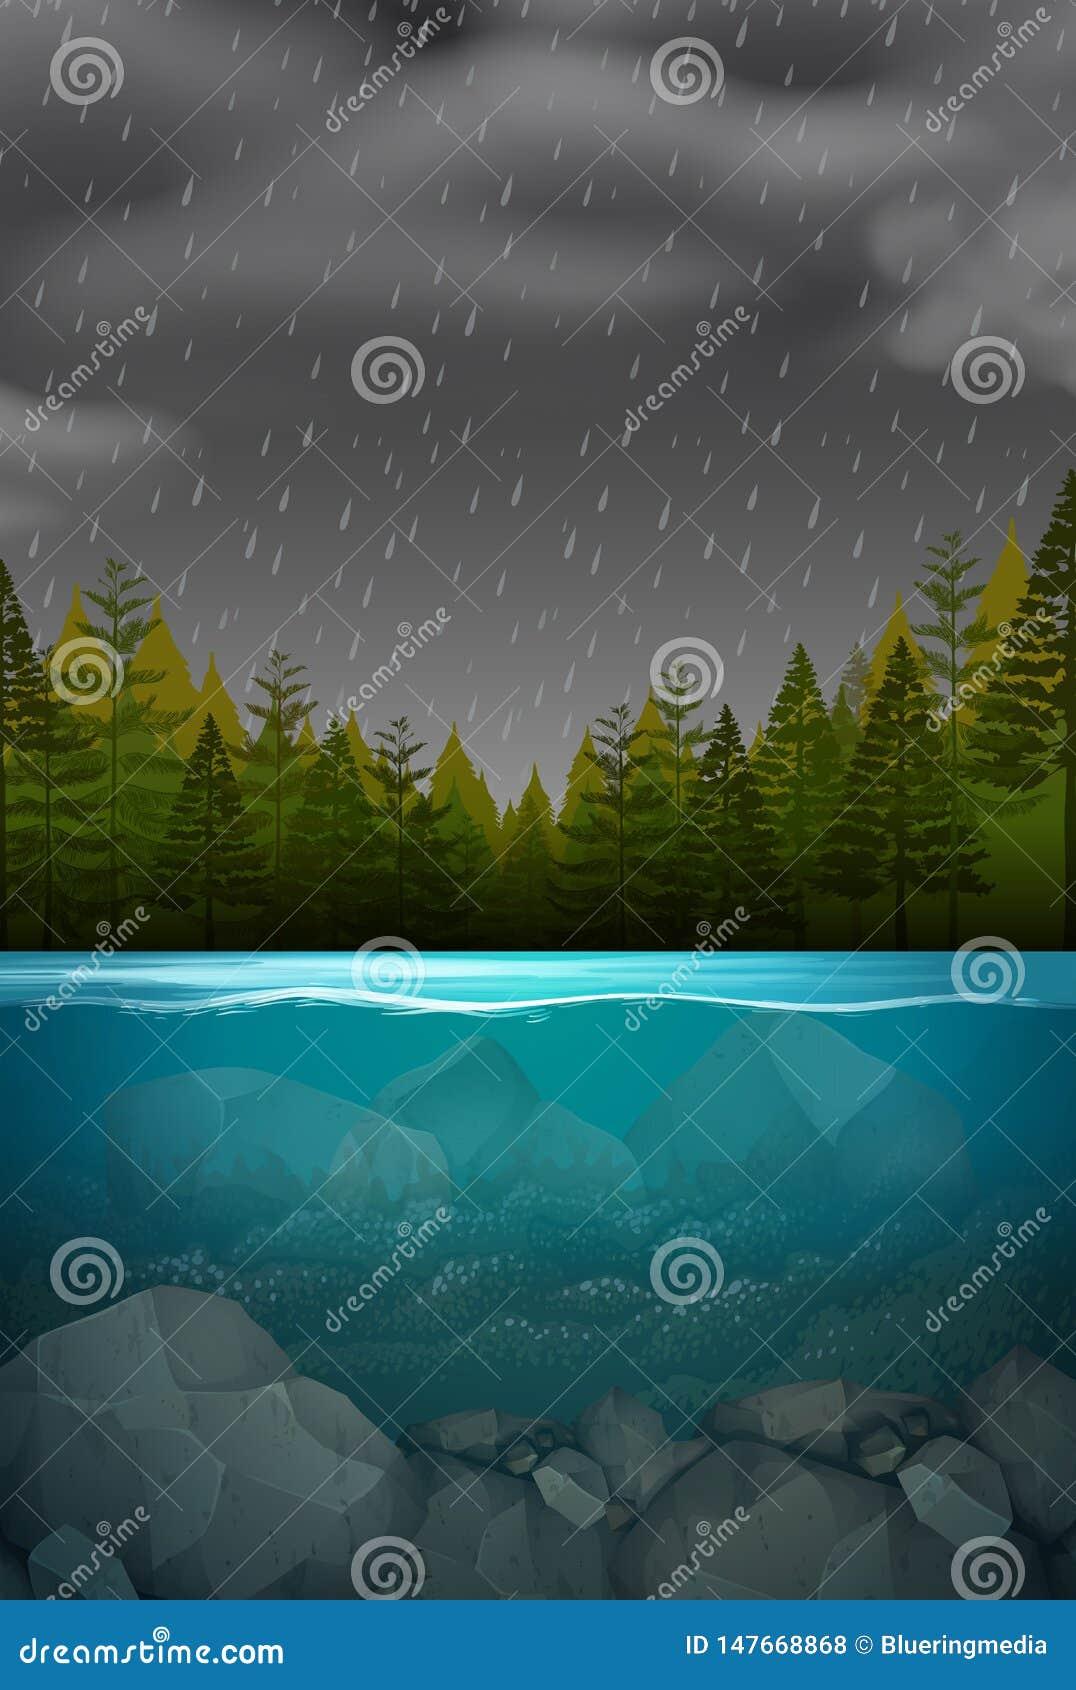 Underwater forest storm scene